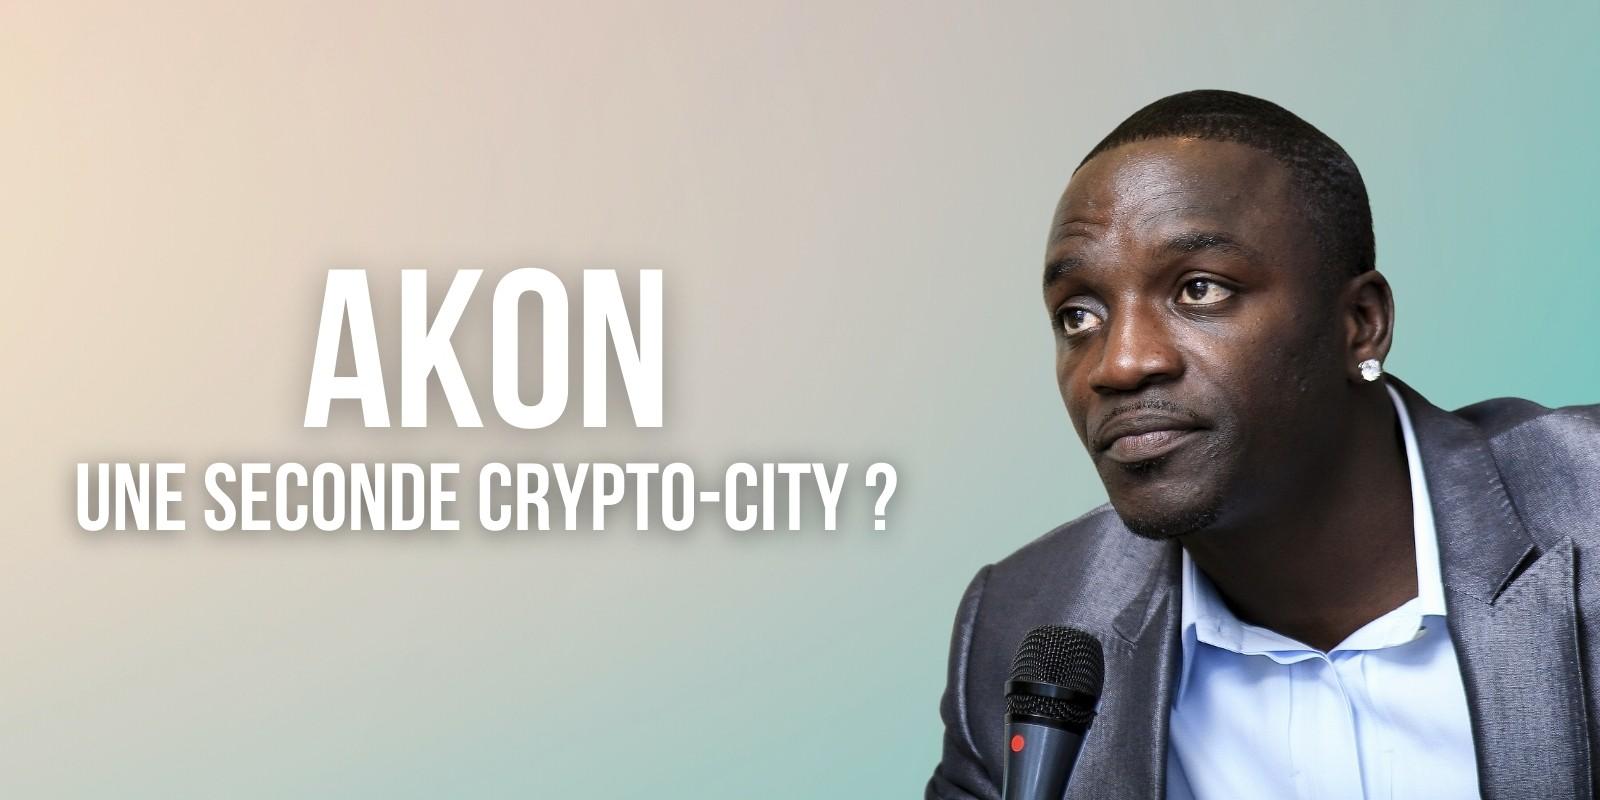 Le chanteur Akon prévoit la construction d'une seconde crypto-city en Ouganda